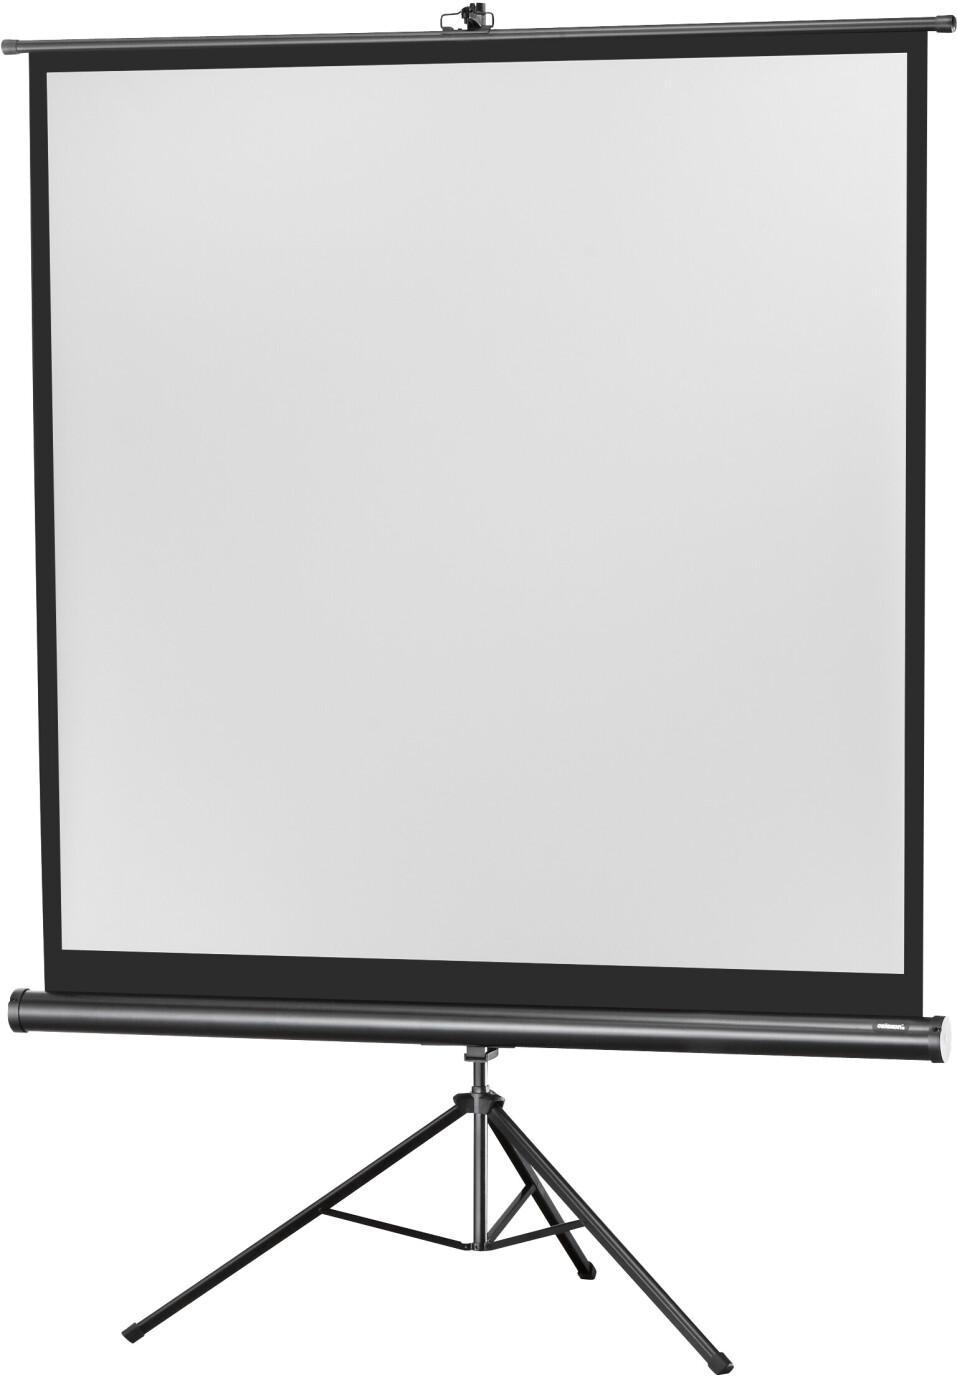 Pantalla proyeccion tripode Basica de celexon 158 x 158 cm